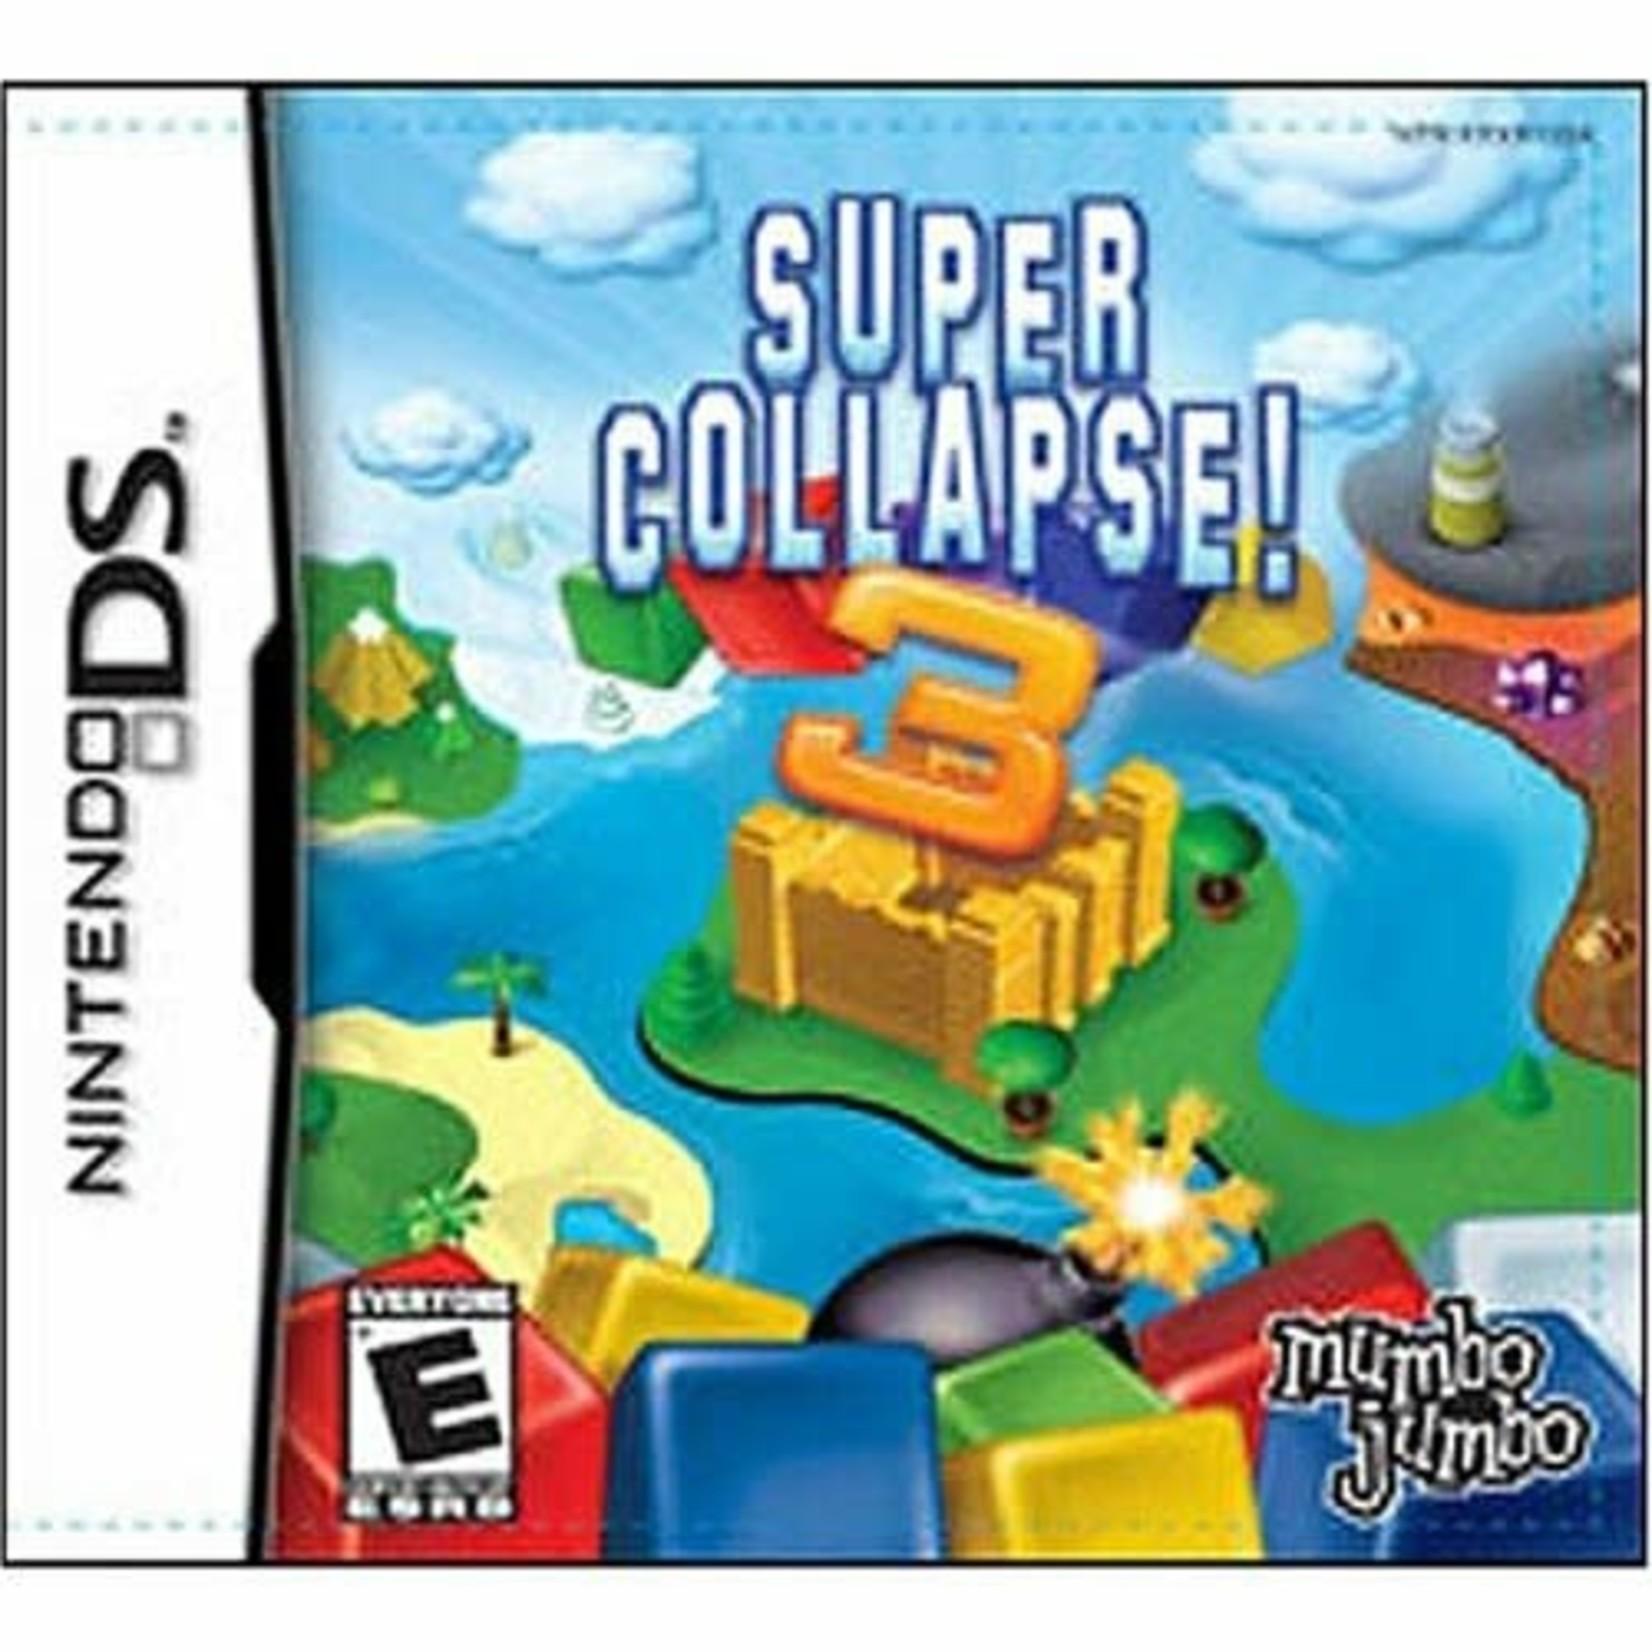 dsu-Super Collapse 3